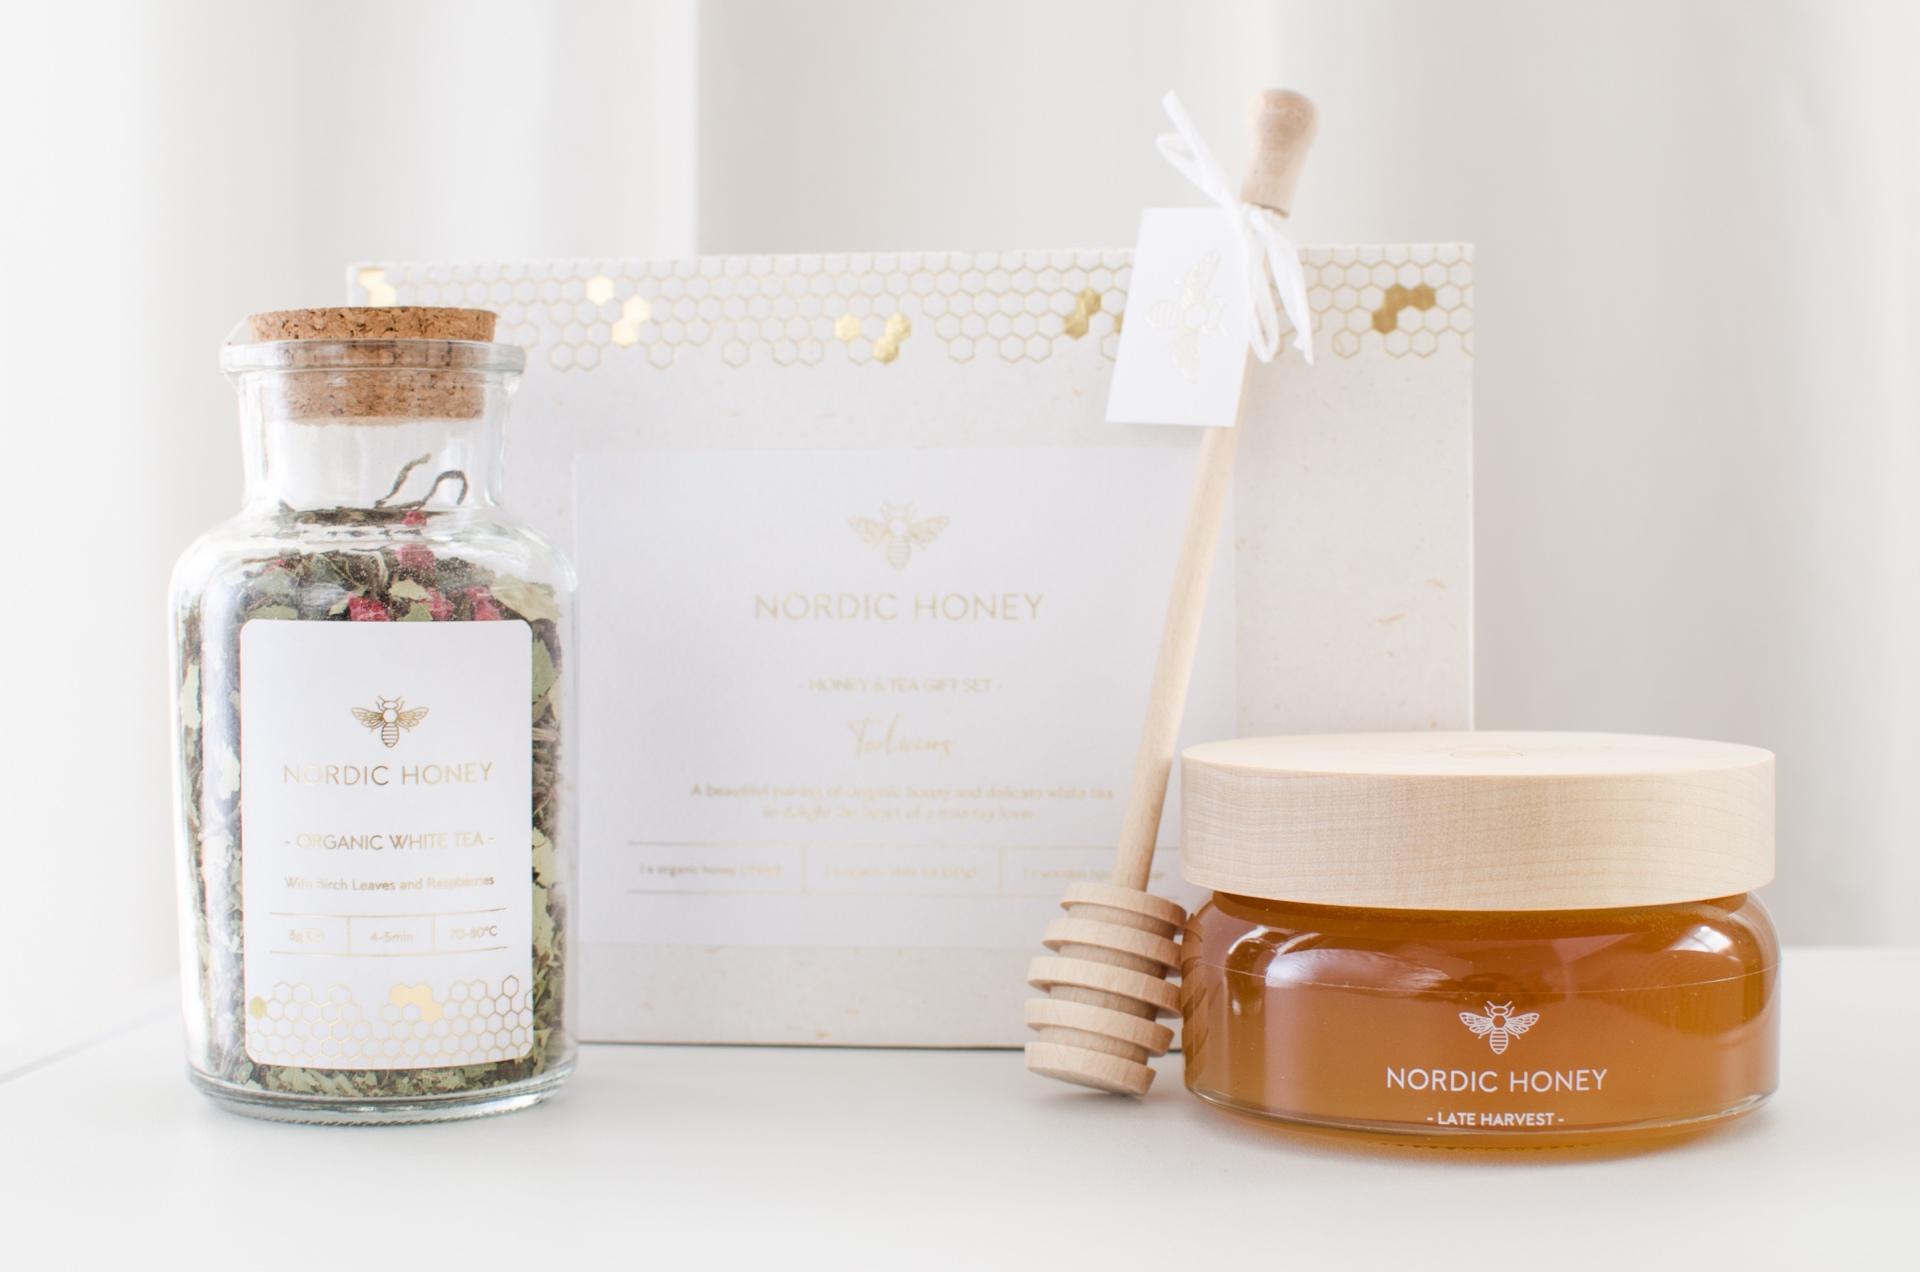 Nordic Honey_mee ja tee kinkekomplekt_mahemee ja mahe valge tee kaselehtede ja vaarikatega_kinkemesi puidust  kaanega_firmakingitused jõuludeks